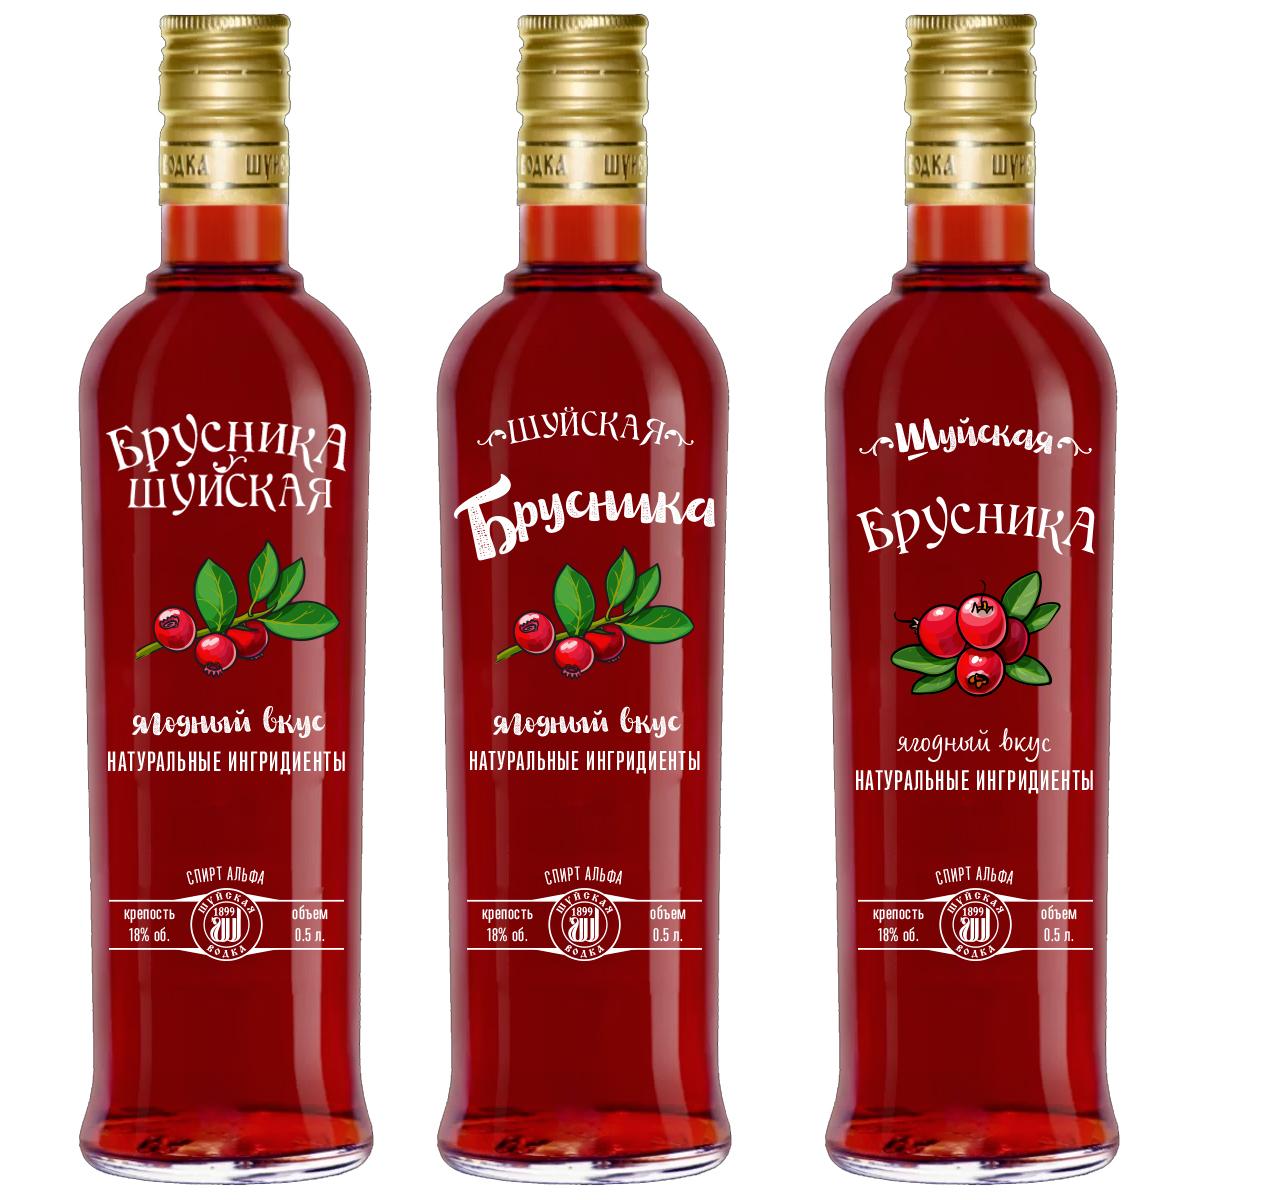 Дизайн этикетки алкогольного продукта (сладкая настойка) фото f_4575f86daeecf2dd.jpg